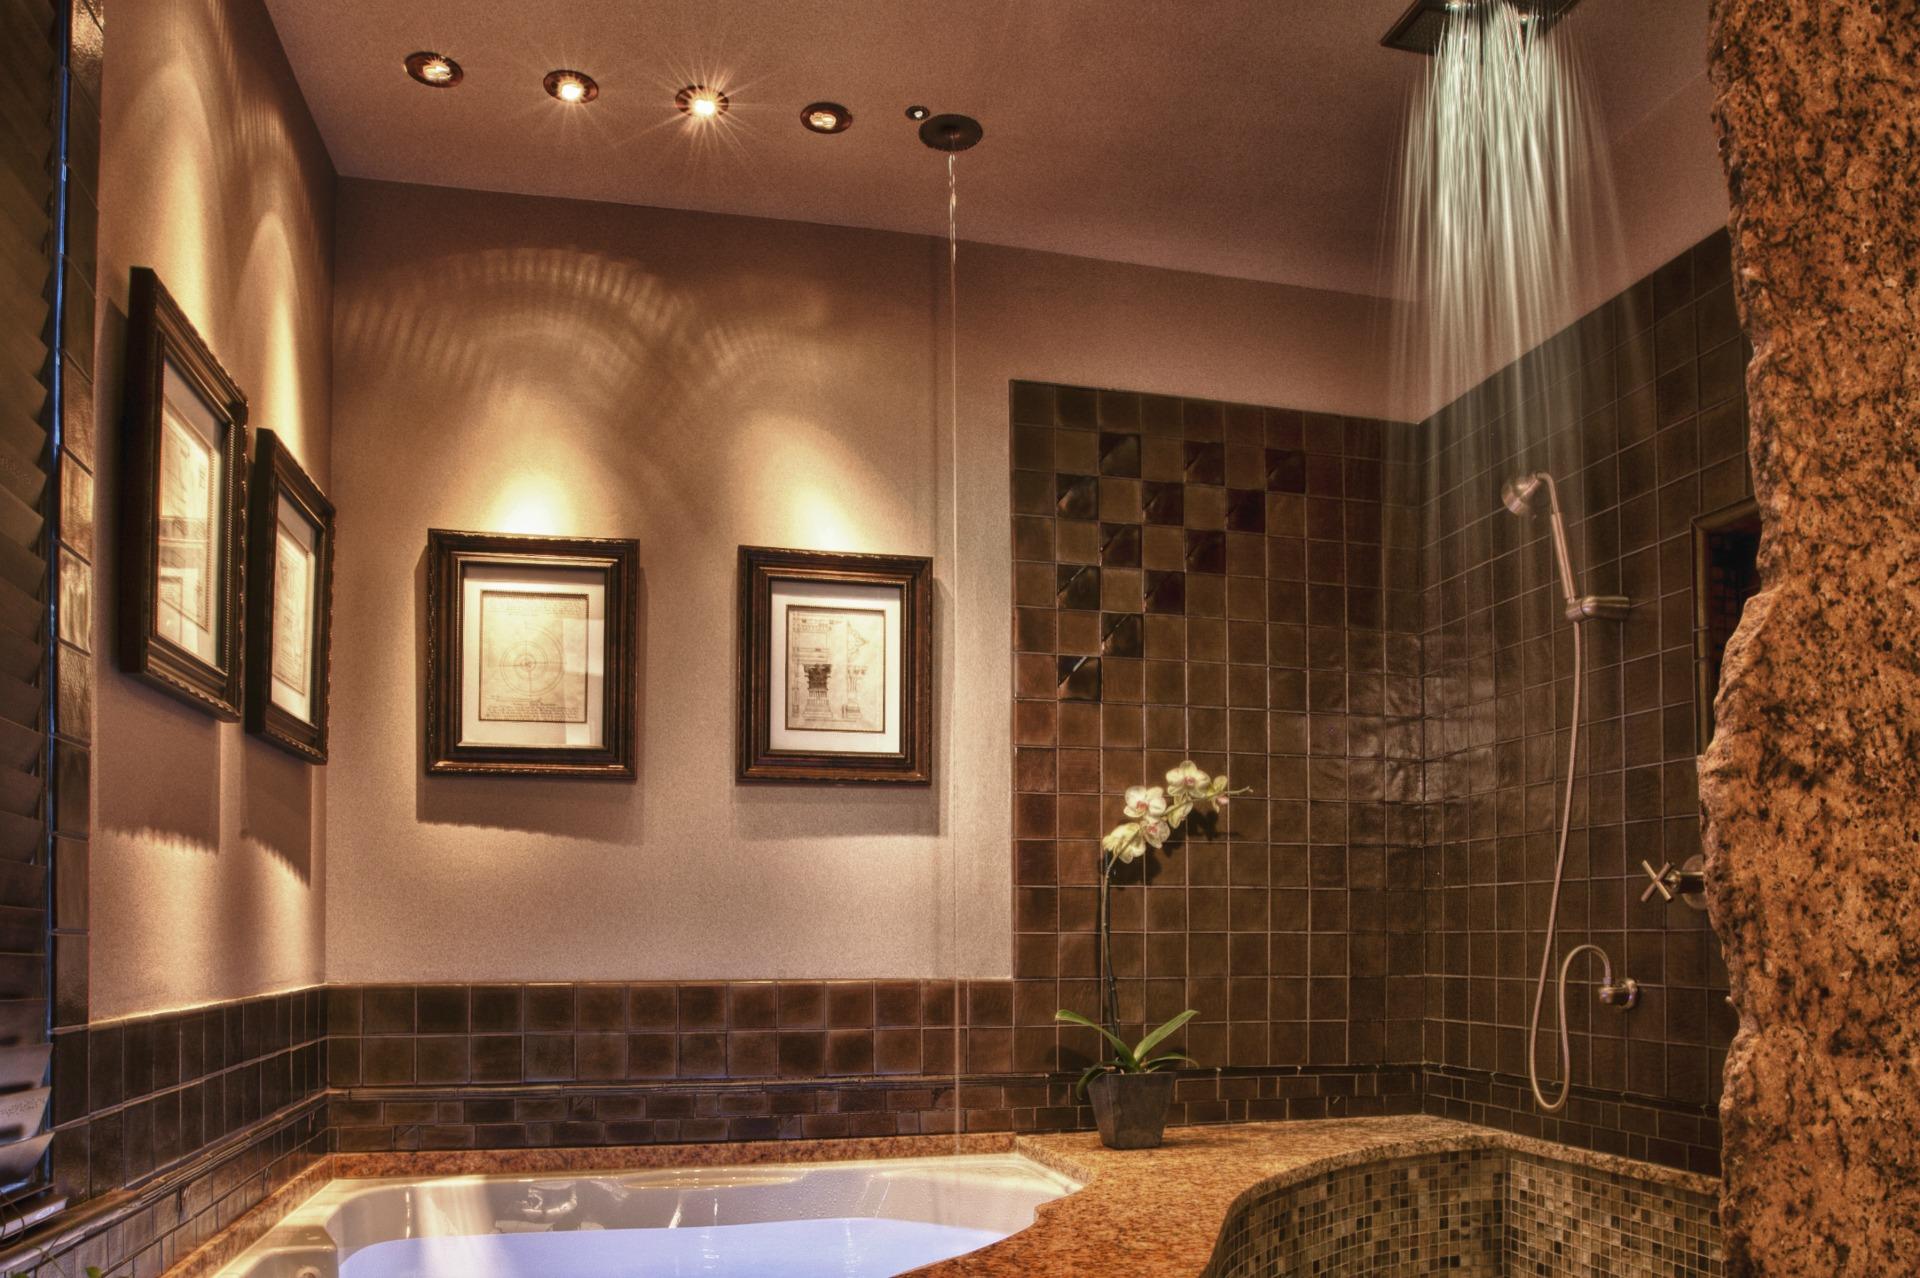 1900 IOM - Fitz Bathroom